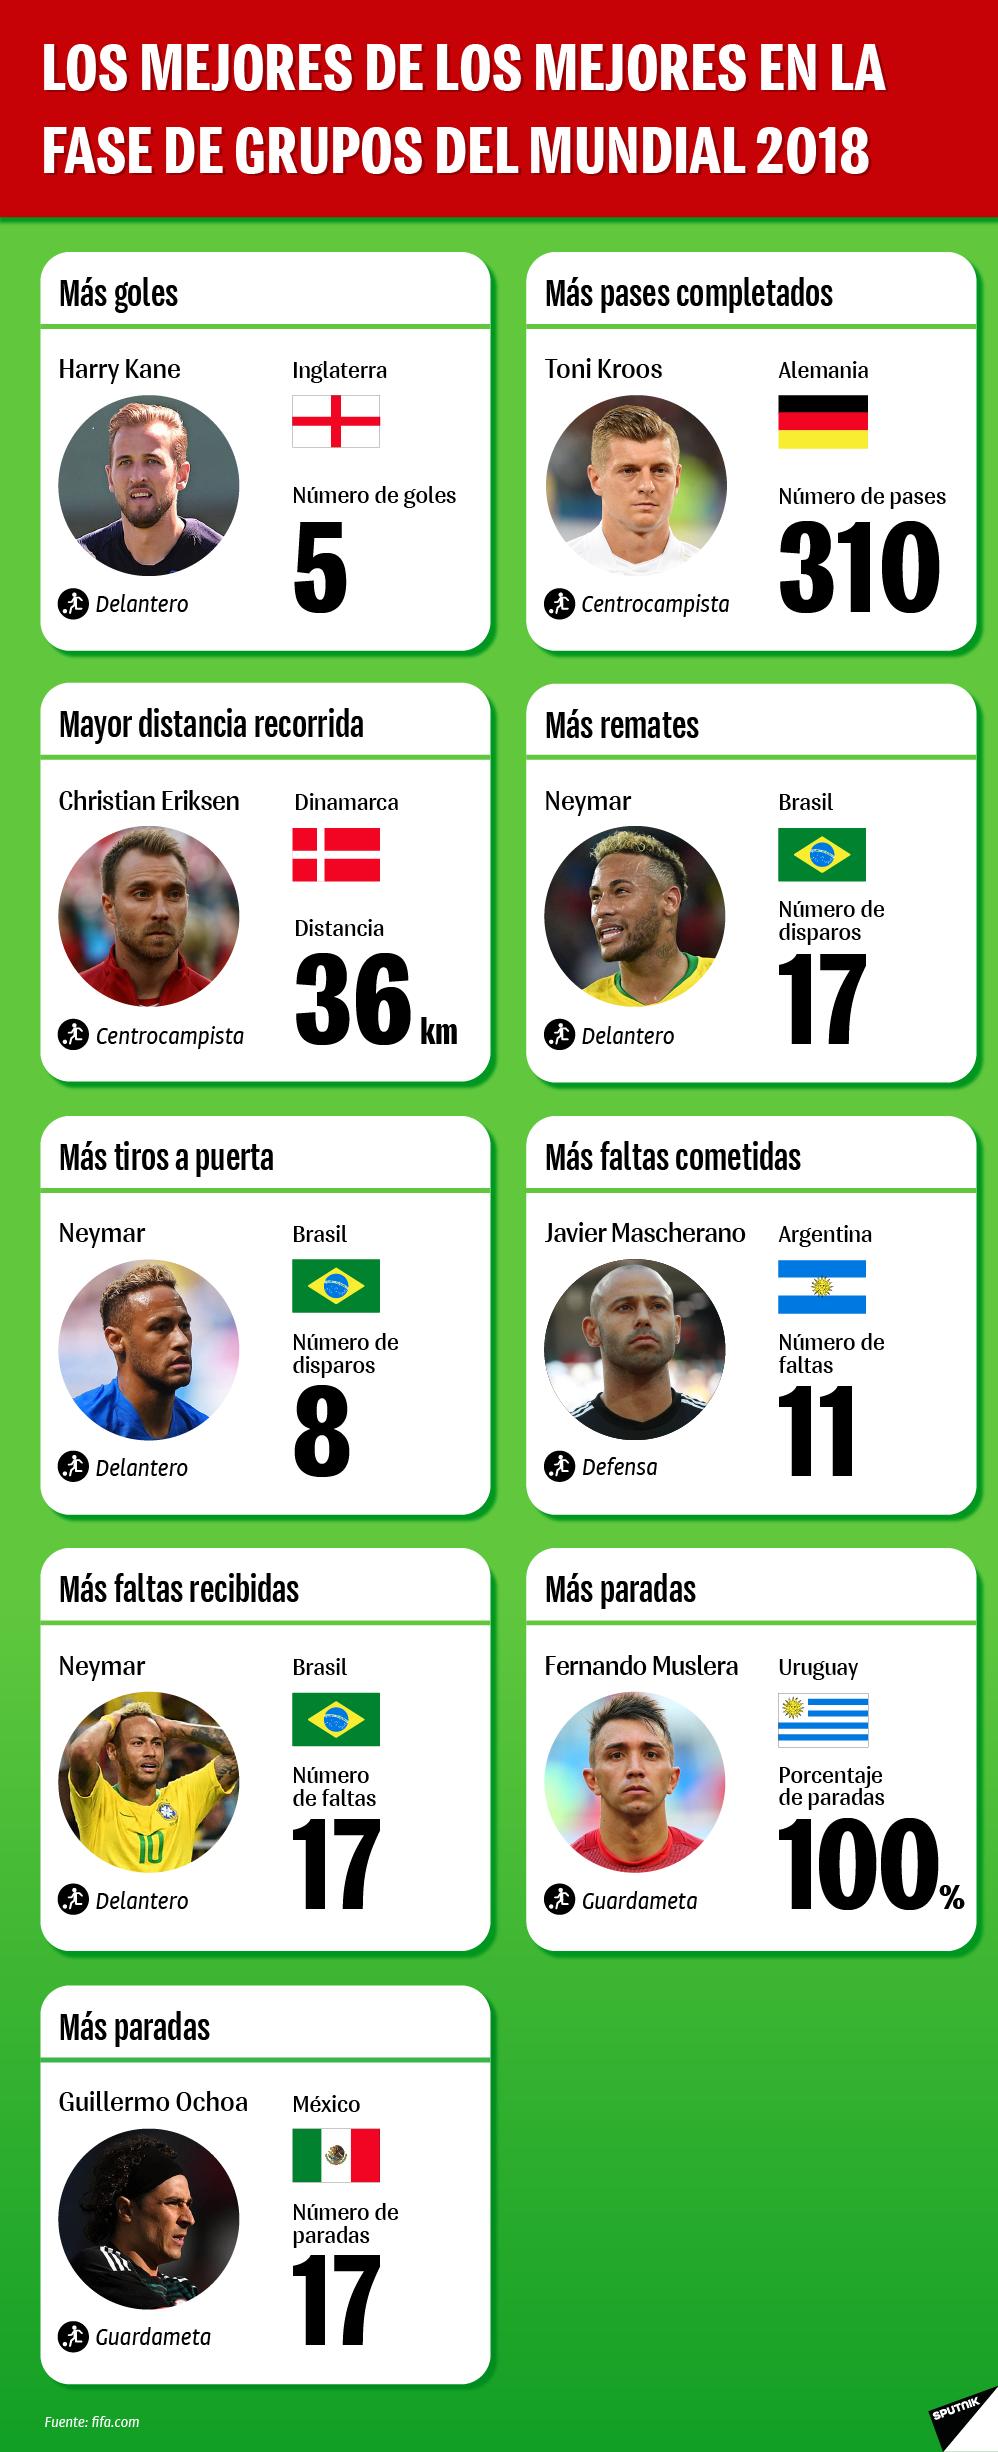 Los mejores de los mejores en la fase de grupos del Mundial 2018